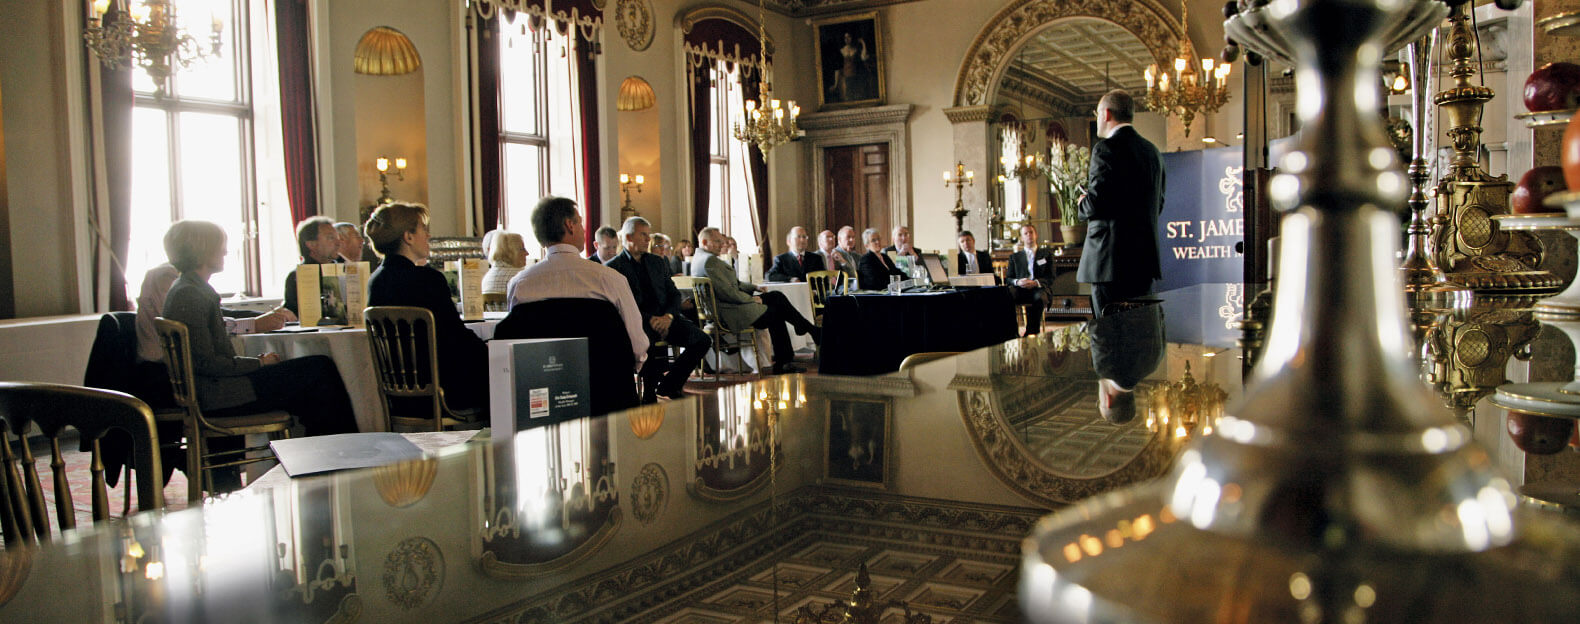 belvoir castle conferences & meetings